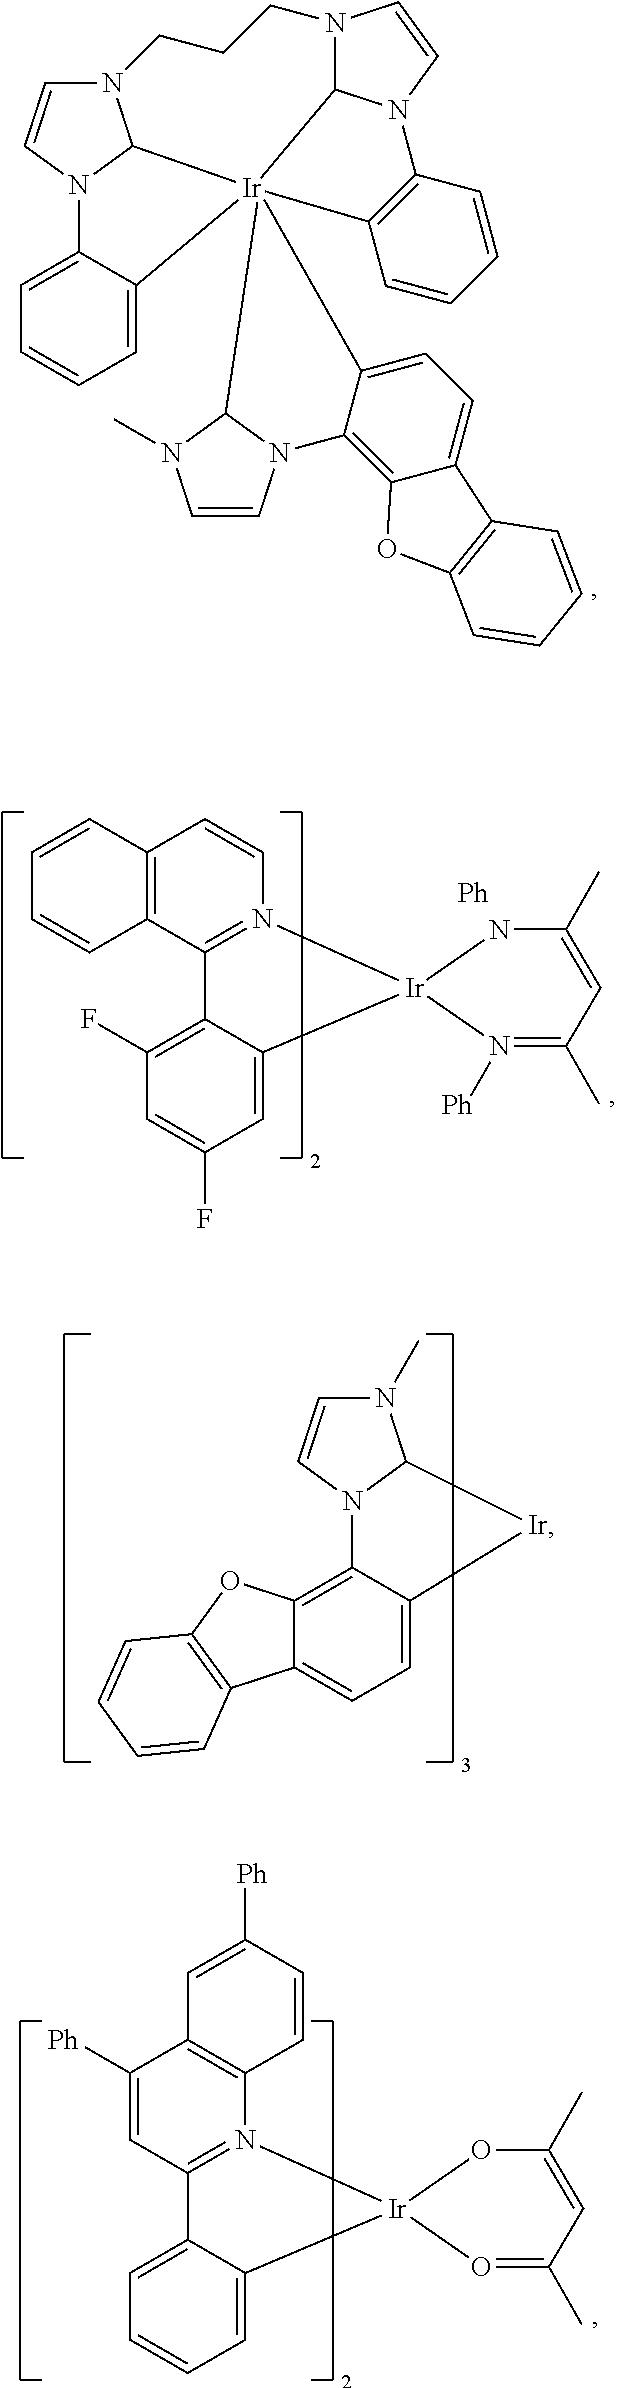 Figure US09859510-20180102-C00091